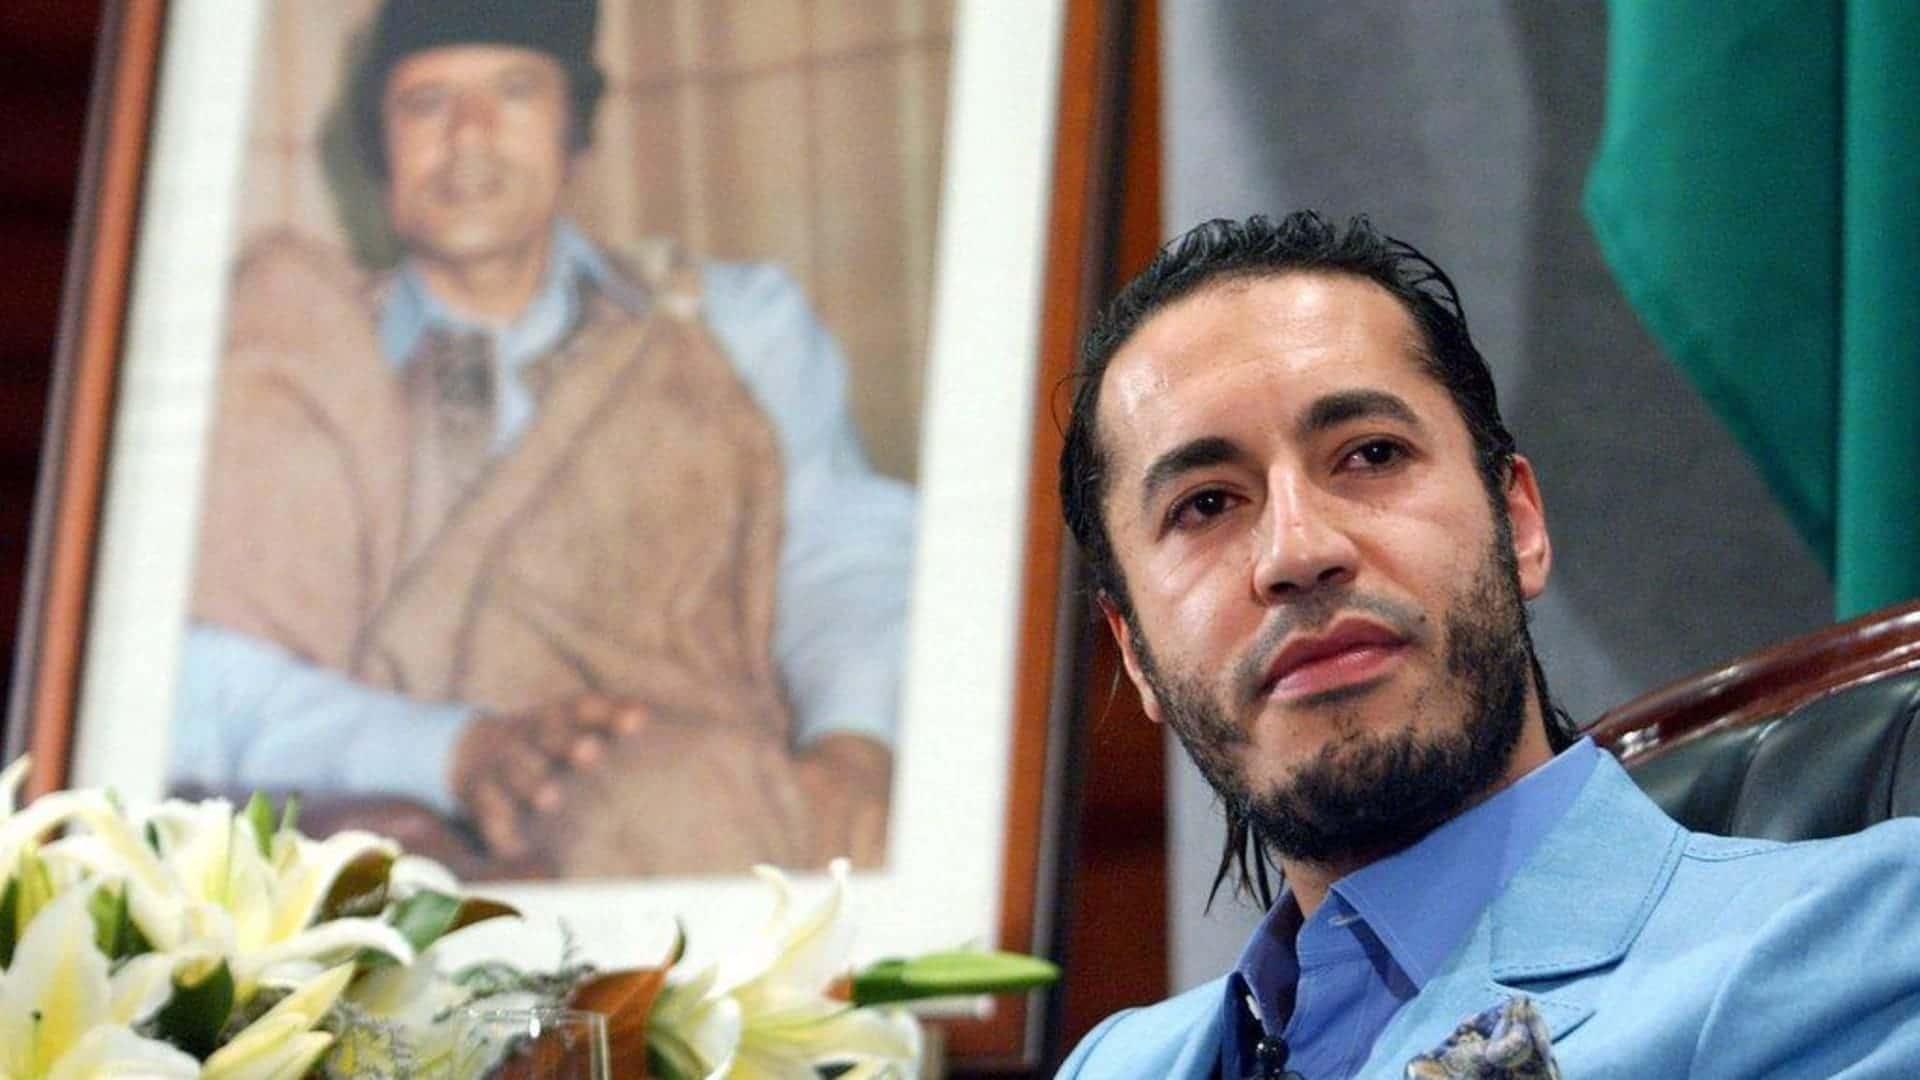 Ελεύθερος αφέθηκε στην Λιβύη ο γιος του Καντάφι, Σαάντι Καντάφι